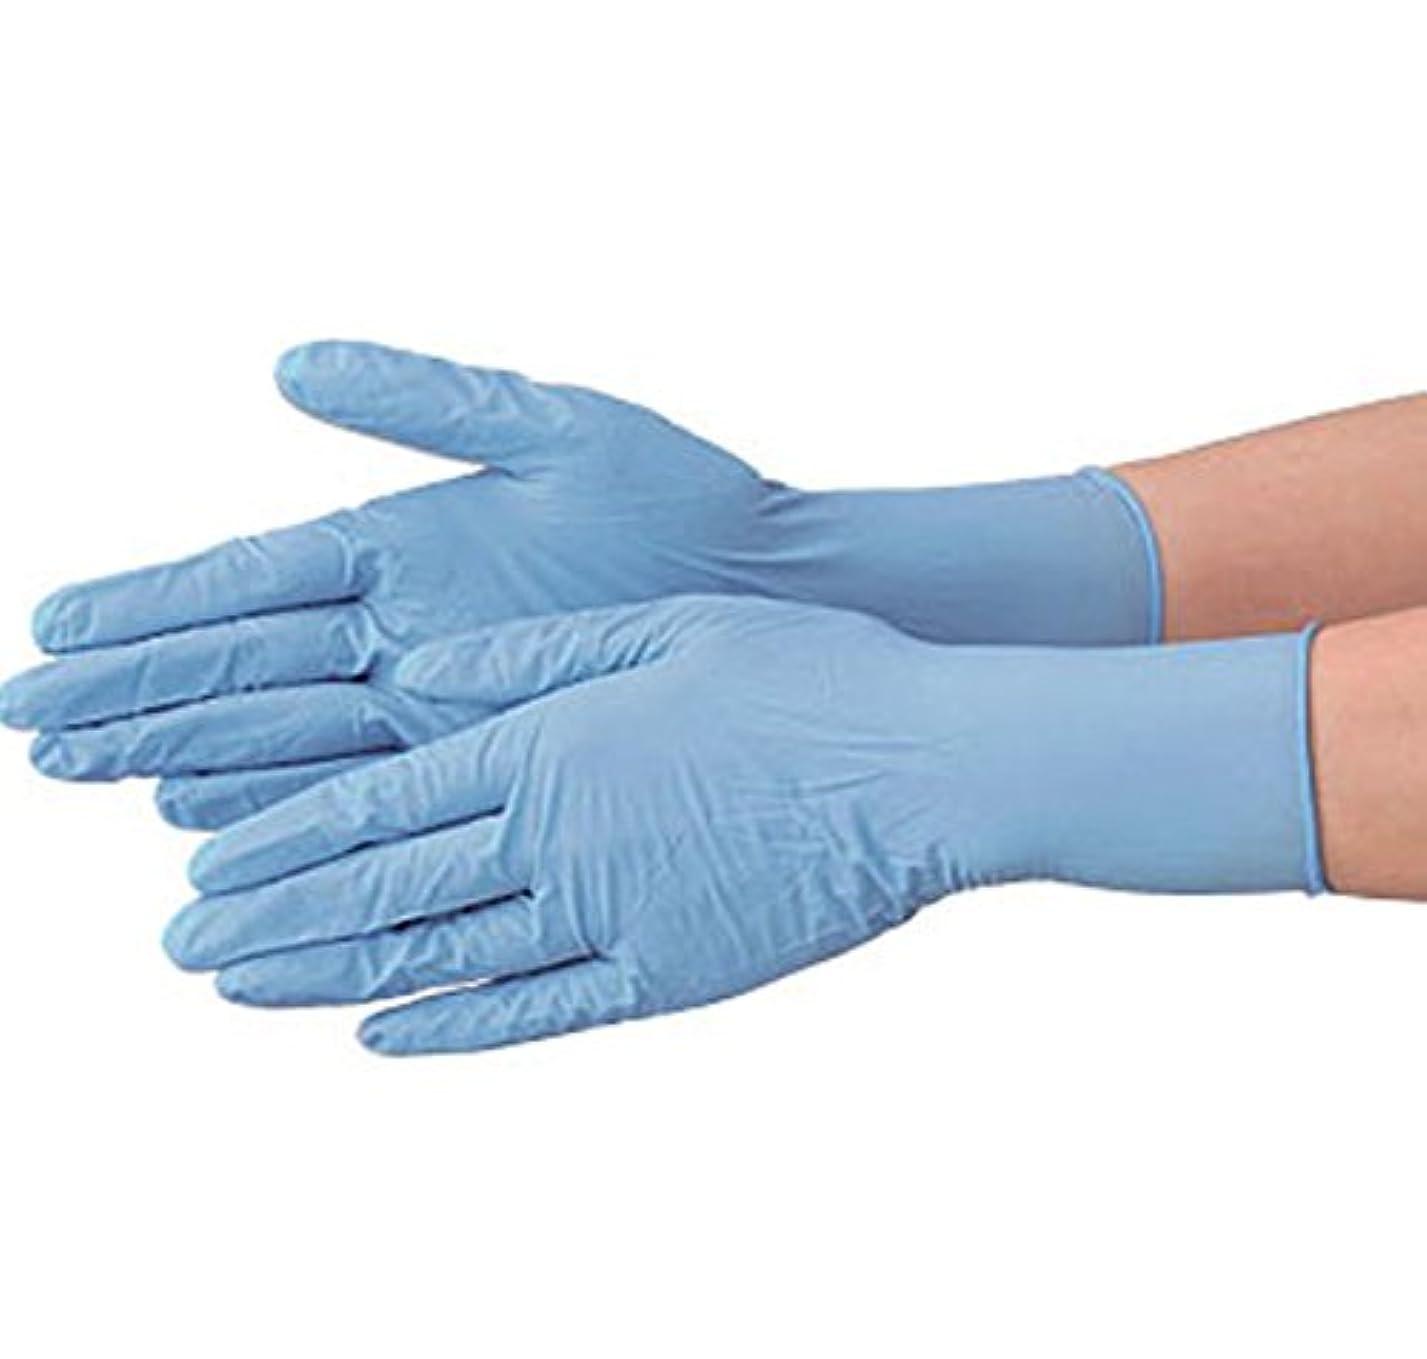 完全に乾く傷つける尾使い捨て 手袋 エブノ 510 ニトリル 極薄手袋 ブルー Sサイズ 2ケース(100枚×40箱)